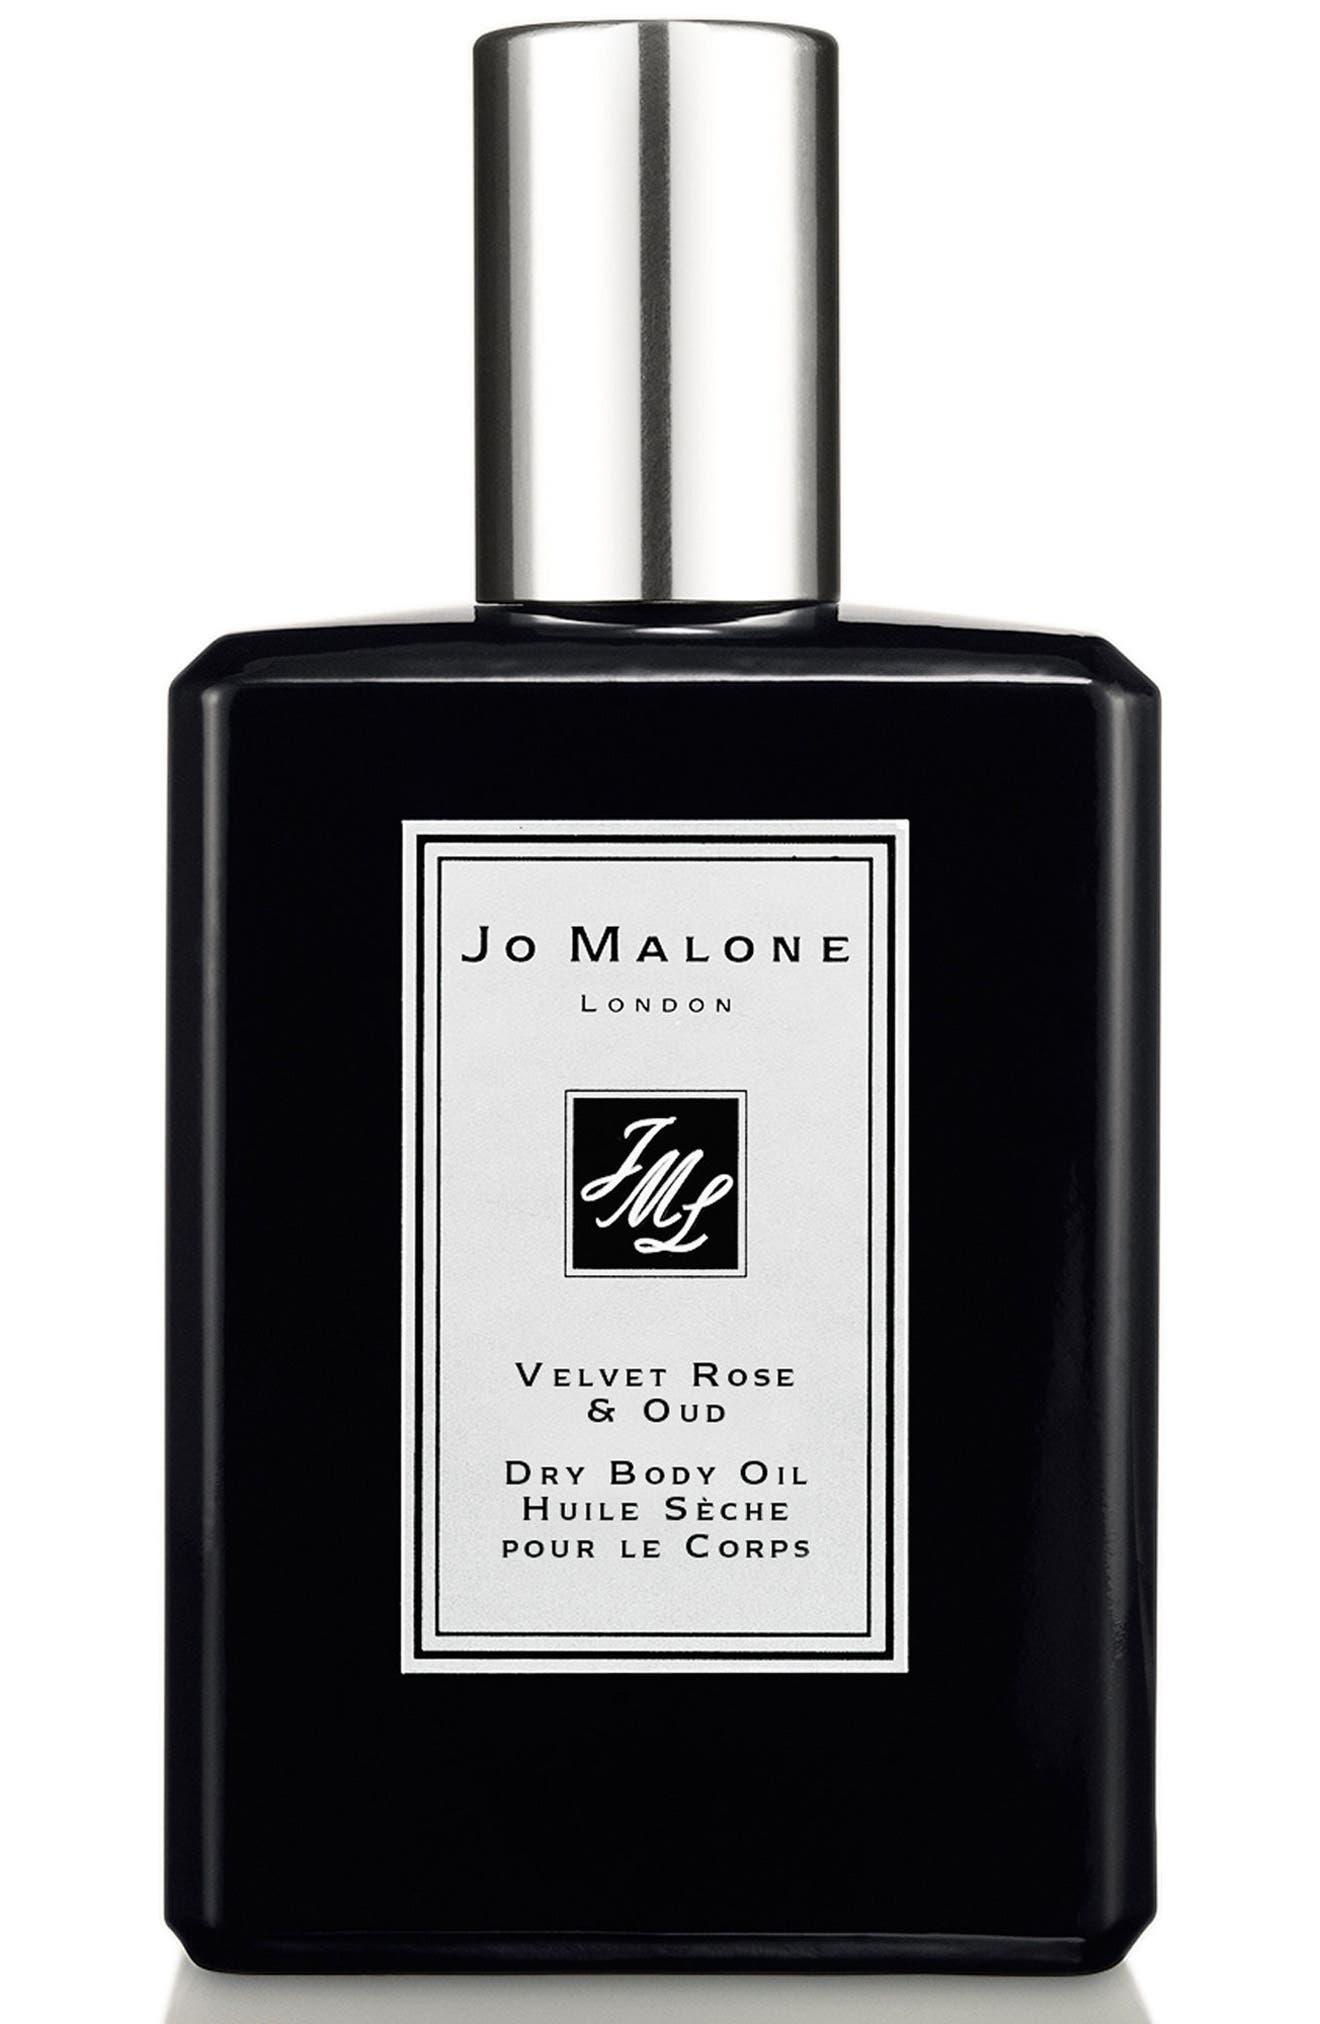 Jo Malone London™ 'Velvet Rose & Oud' Dry Body Oil